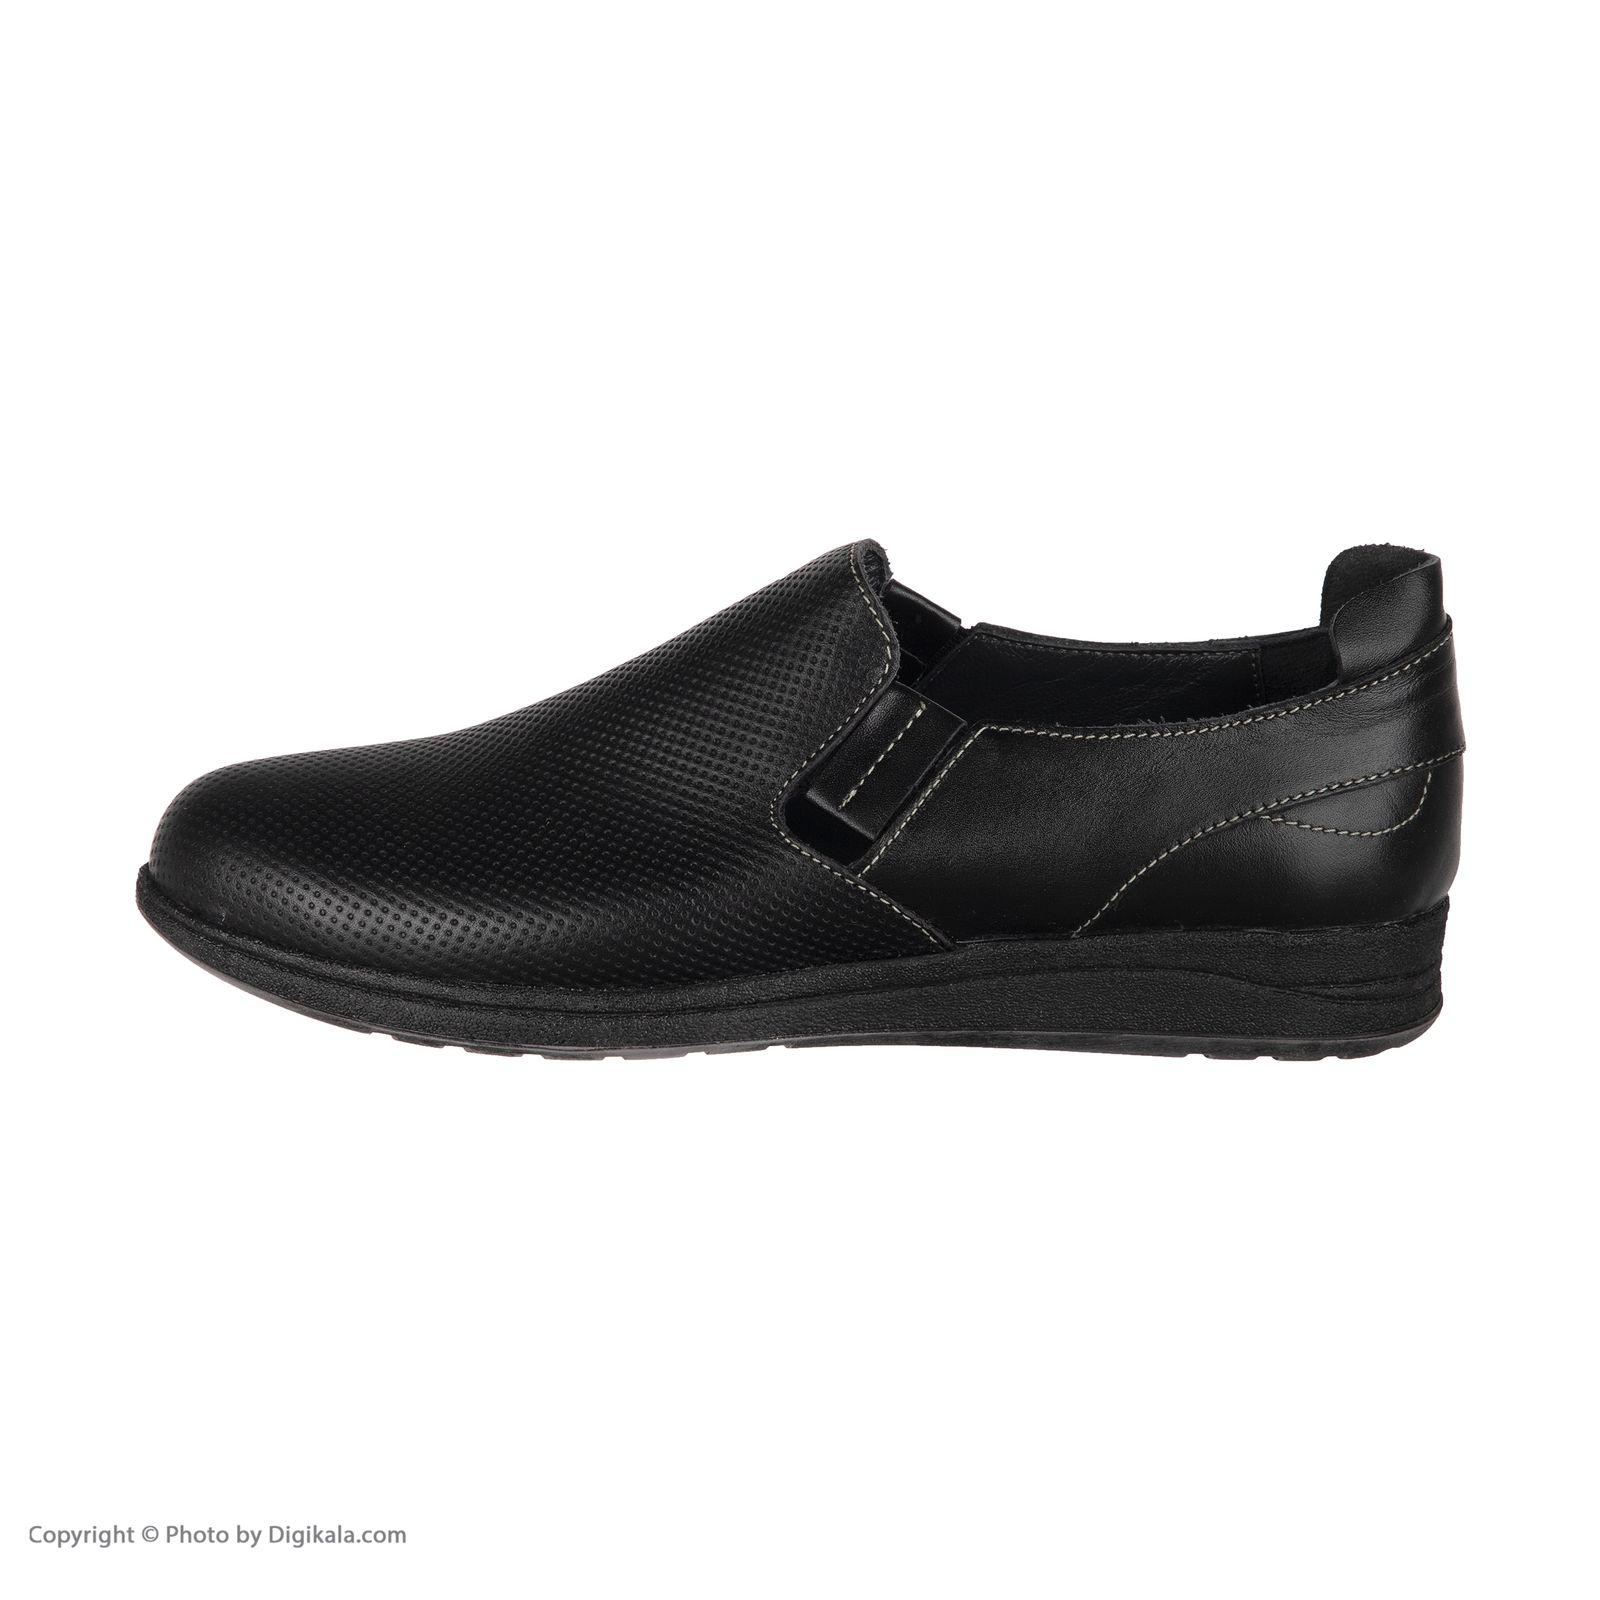 کفش روزمره زنانه سوته مدل 2958B500101 -  - 3